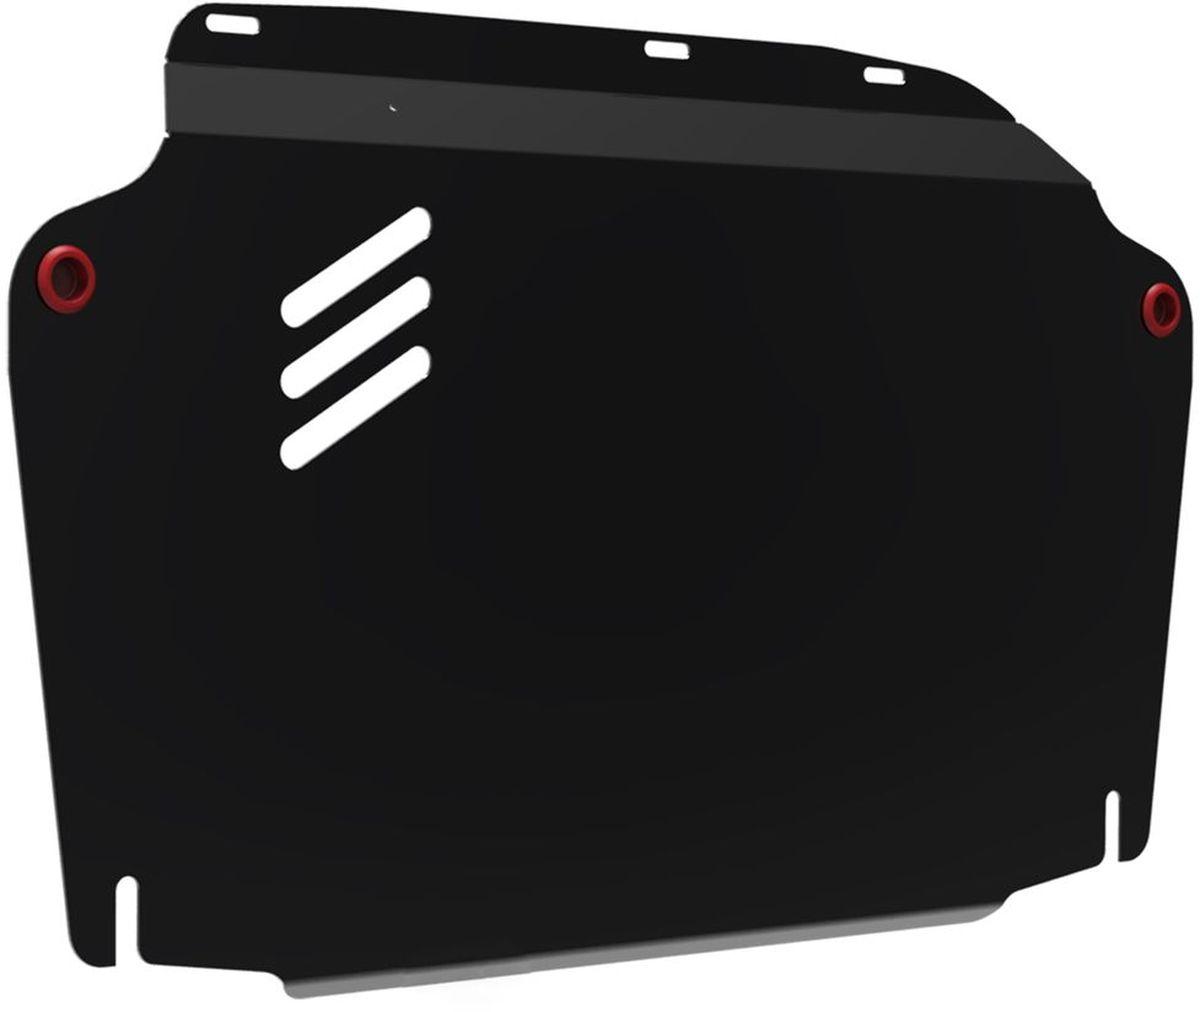 Защита картера и КПП Автоброня, для Hyundai Elantra/i30/Kia Ceed/Cerato. 111.02302.2111.02302.2Технологически совершенный продукт за невысокую стоимость. Защита разработана с учетом особенностей днища автомобиля, что позволяет сохранить дорожный просвет с минимальным изменением. Защита устанавливается в штатные места кузова автомобиля. Глубокий штамп обеспечивает до двух раз больше жесткости в сравнении с обычной защитой той же толщины. Проштампованные ребра жесткости препятствуют деформации защиты при ударах. Тепловой зазор и вентиляционные отверстия обеспечивают сохранение температурного режима двигателя в норме. Скрытый крепеж предотвращает срыв крепежных элементов при наезде на препятствие. Шумопоглощающие резиновые элементы обеспечивают комфортную езду без вибраций и скрежета металла, а съемные лючки для слива масла и замены фильтра - экономию средств и время. Конструкция изделия не влияет на пассивную безопасность автомобиля (при ударе защита не воздействует на деформационные зоны кузова). Со штатным крепежом. В комплекте инструкция по...